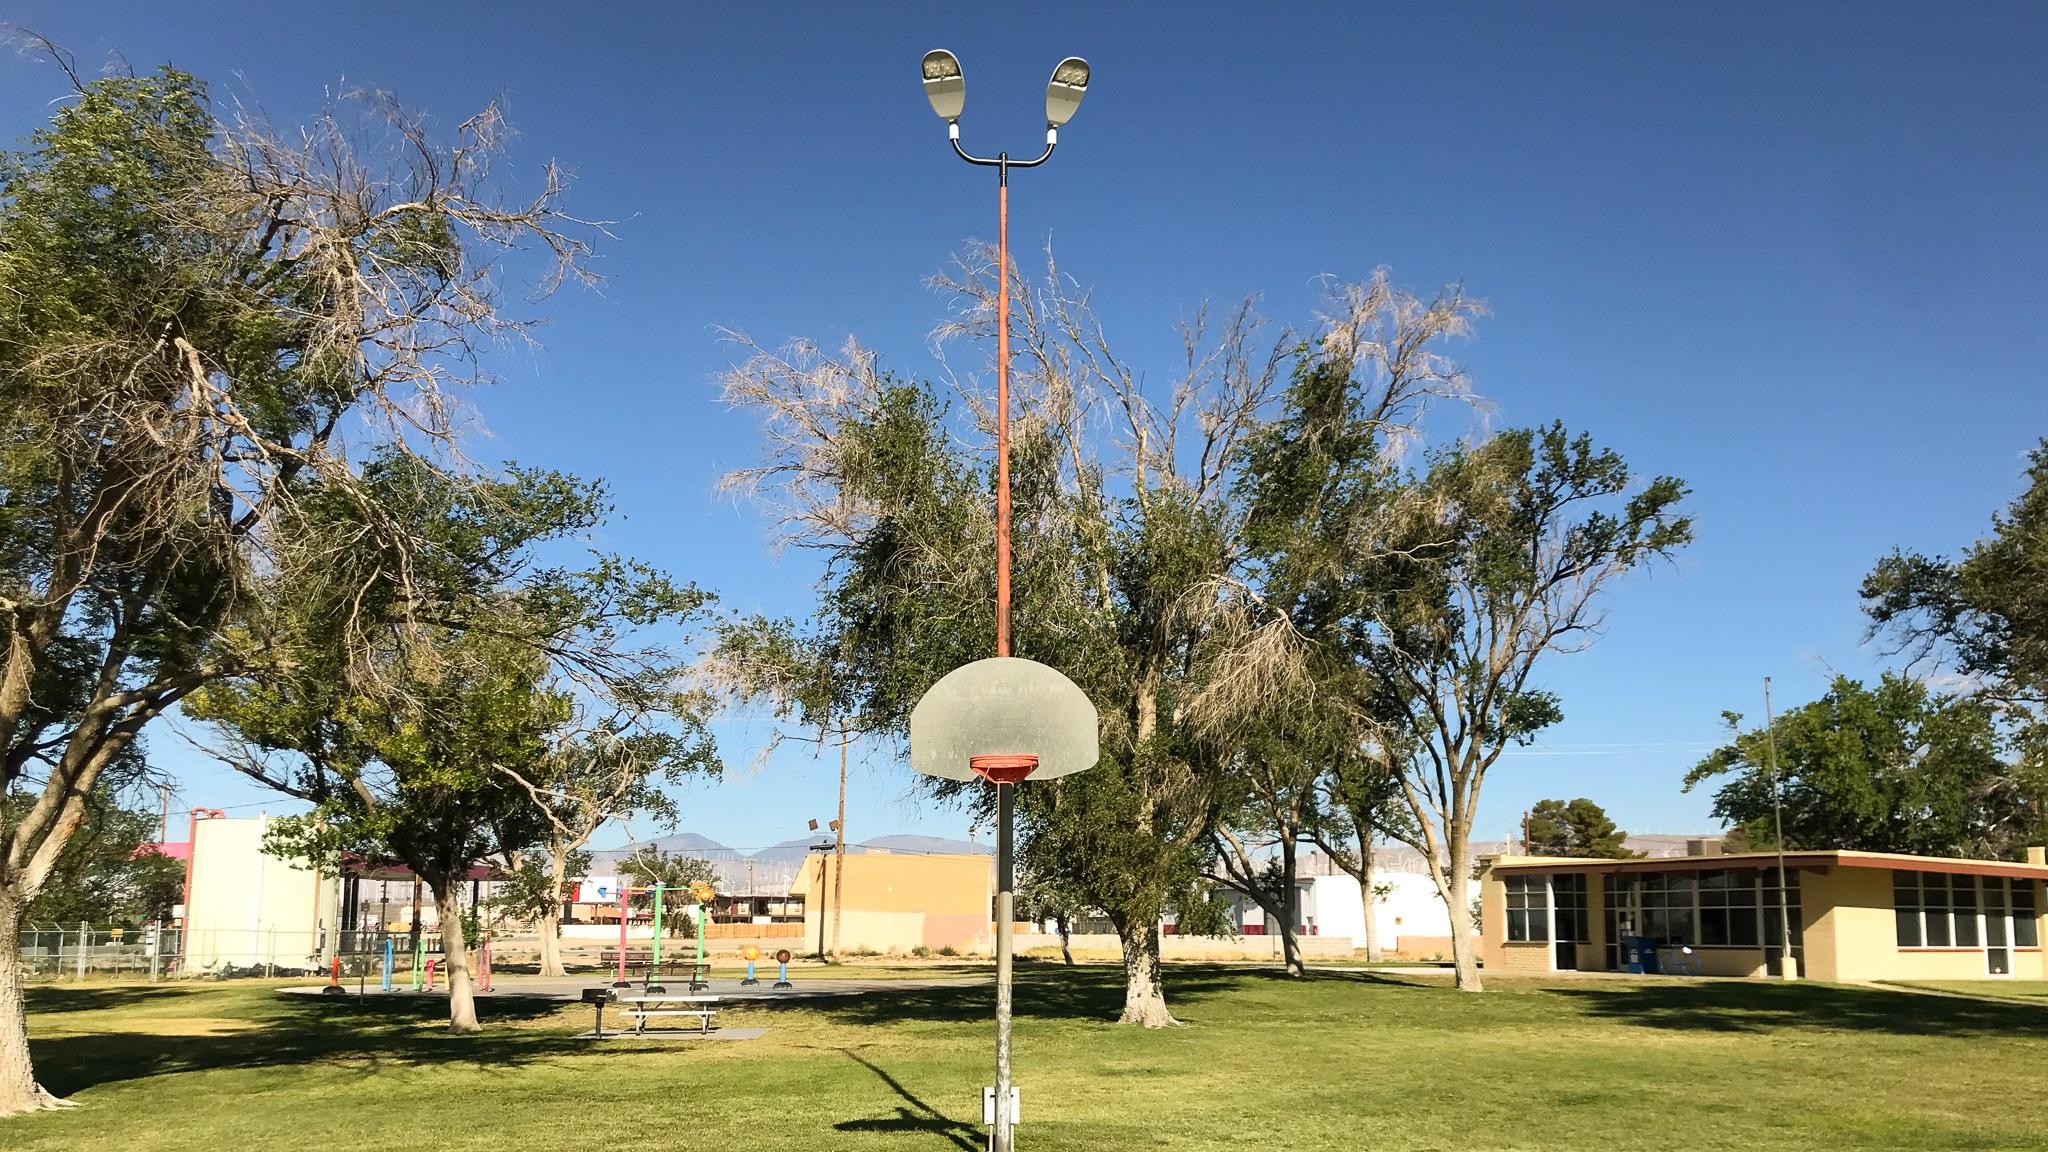 Mojave+basketball+court+in+the+desert